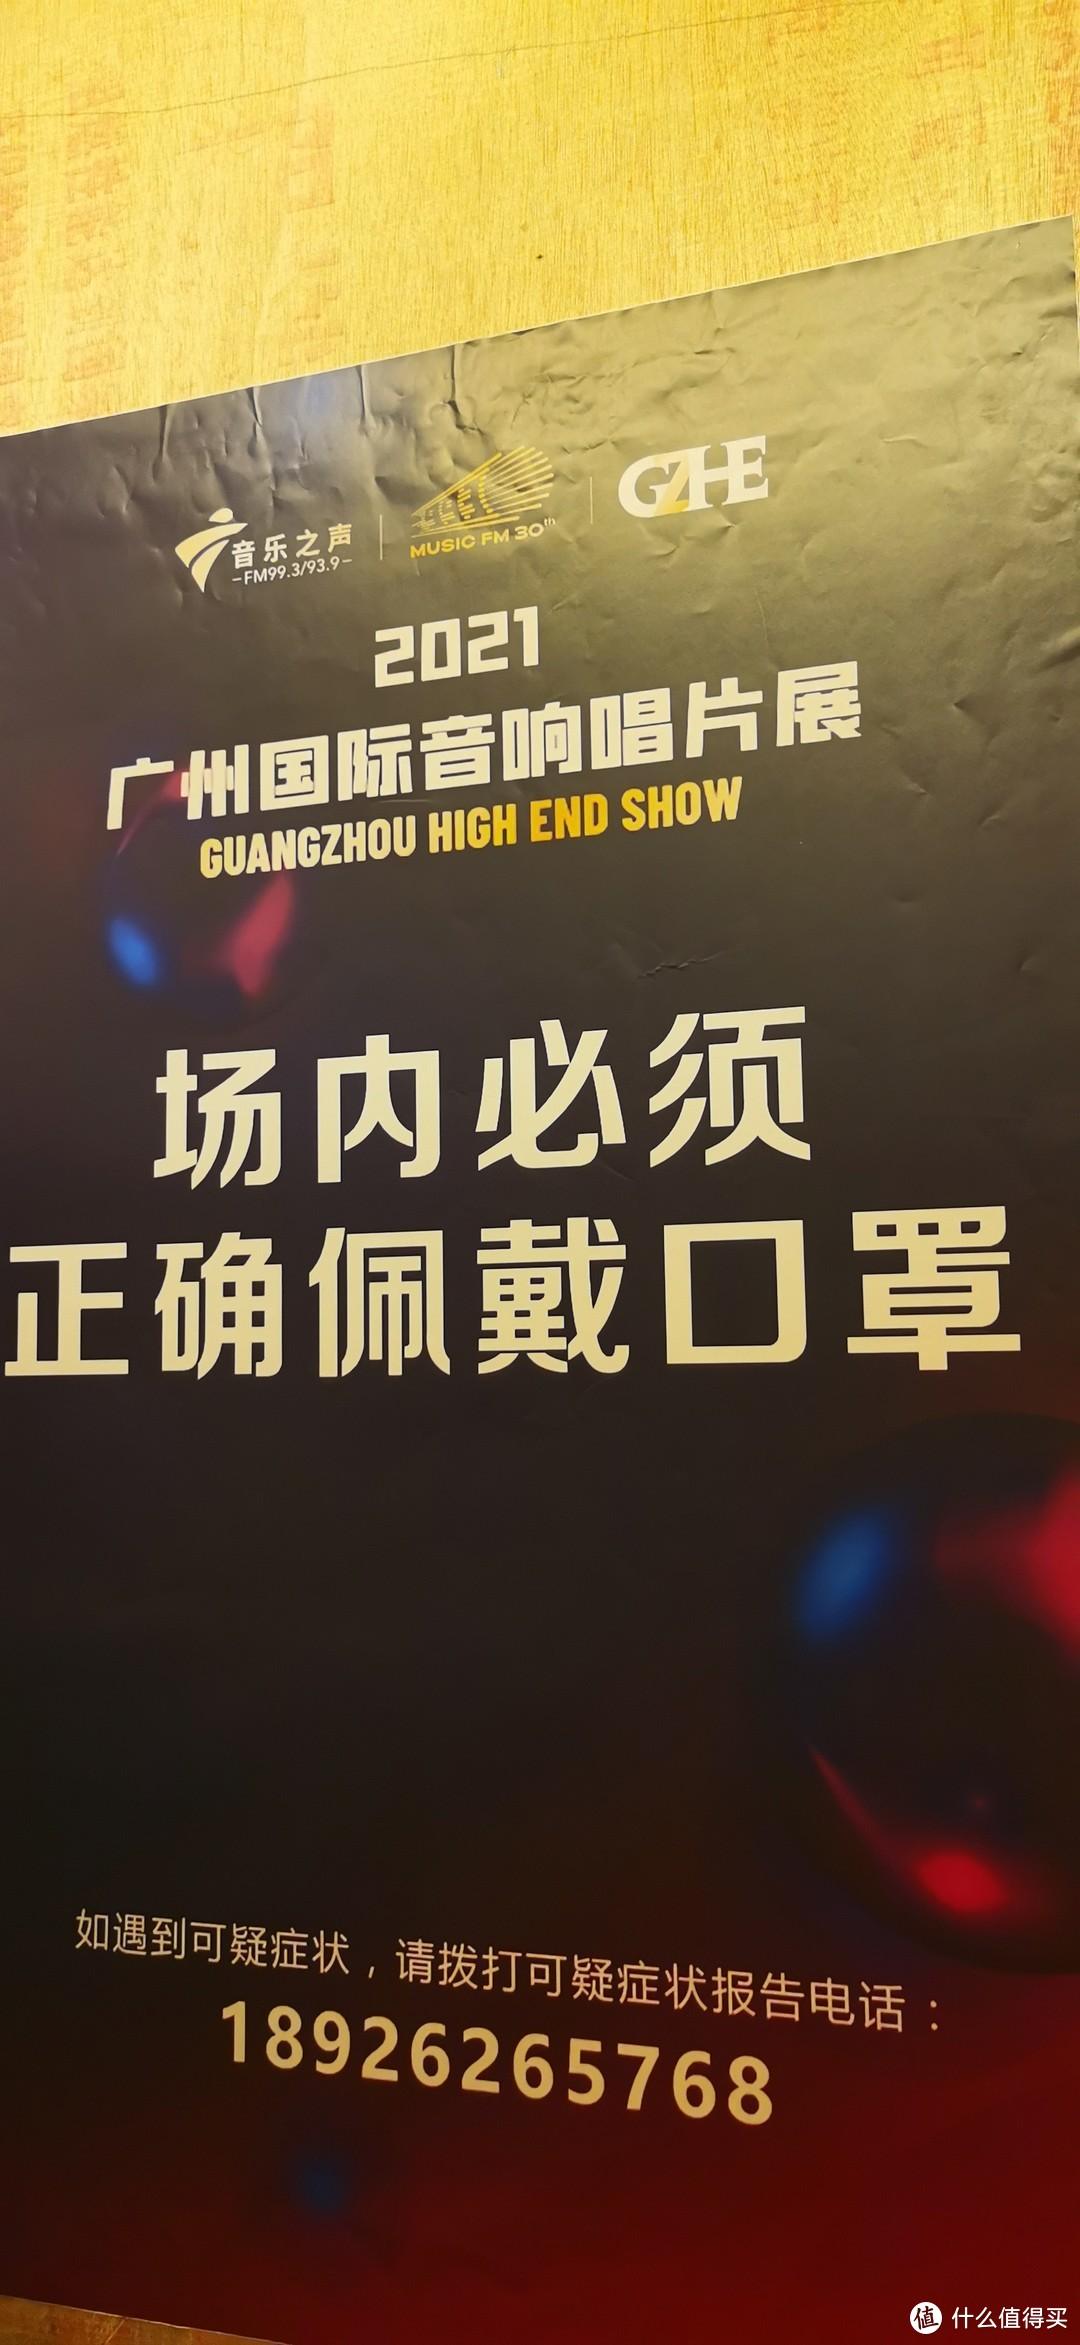 图记因疫情半途撤展的广州音响展